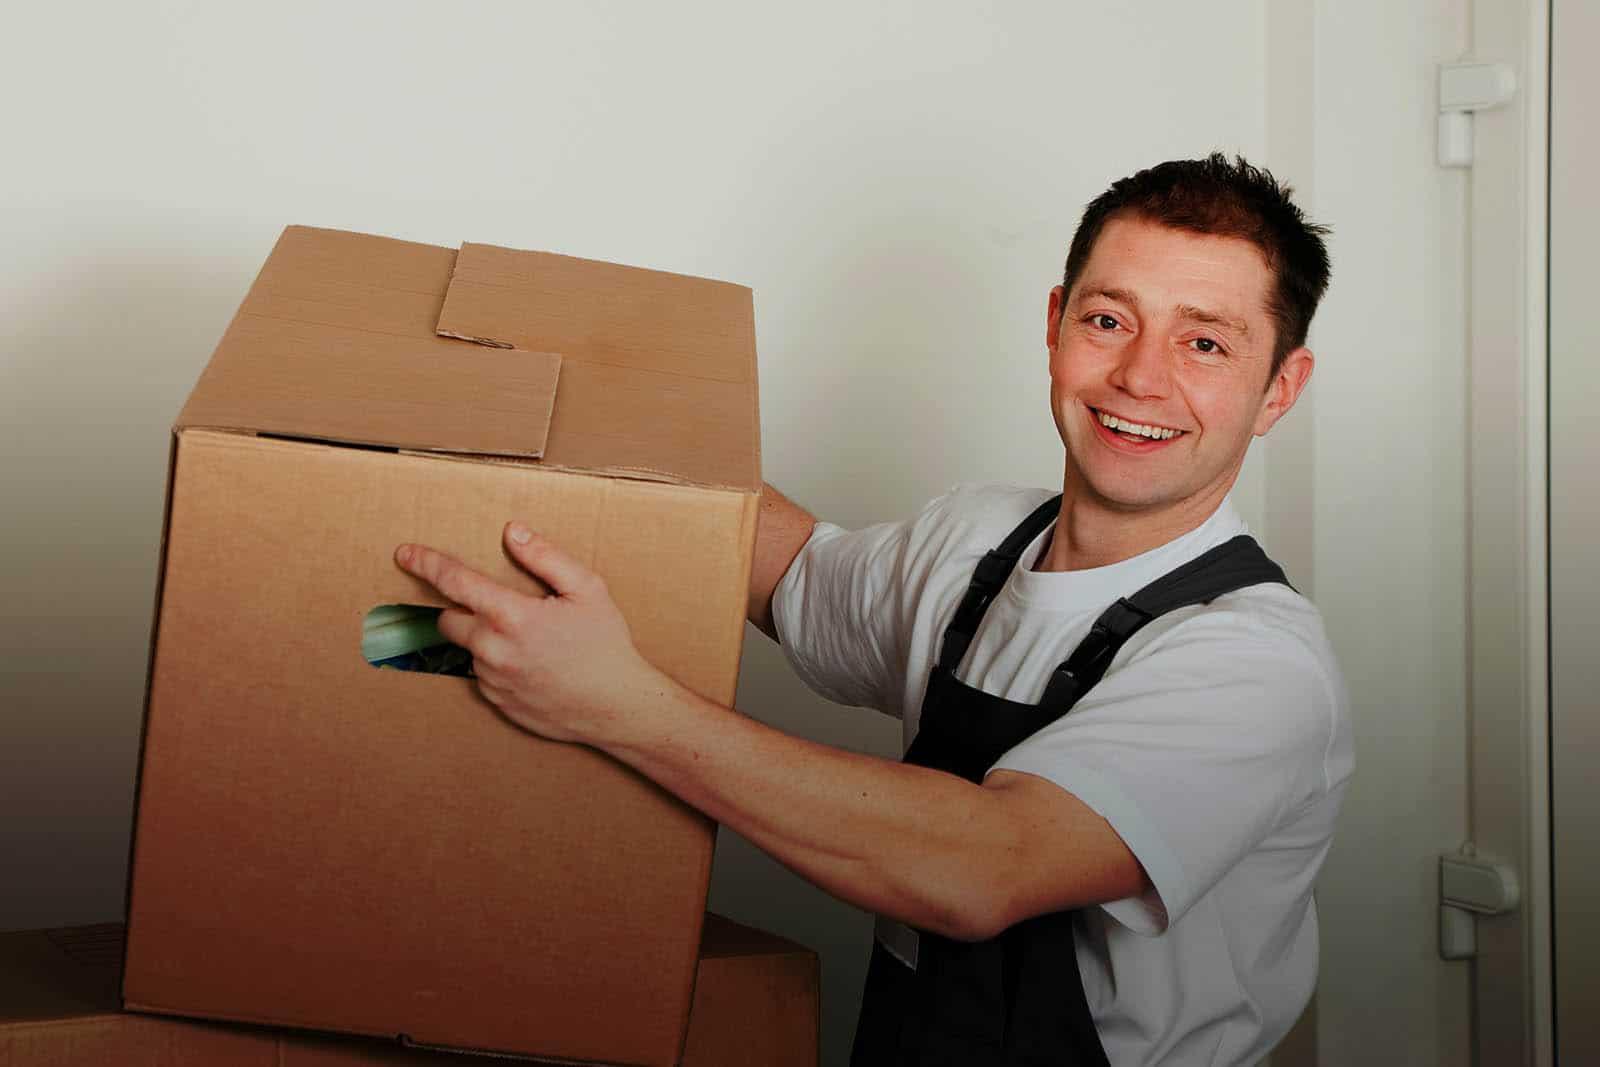 ihre anfragen werden verschl sselt bertragen ihre professionelle umzugsfirma. Black Bedroom Furniture Sets. Home Design Ideas